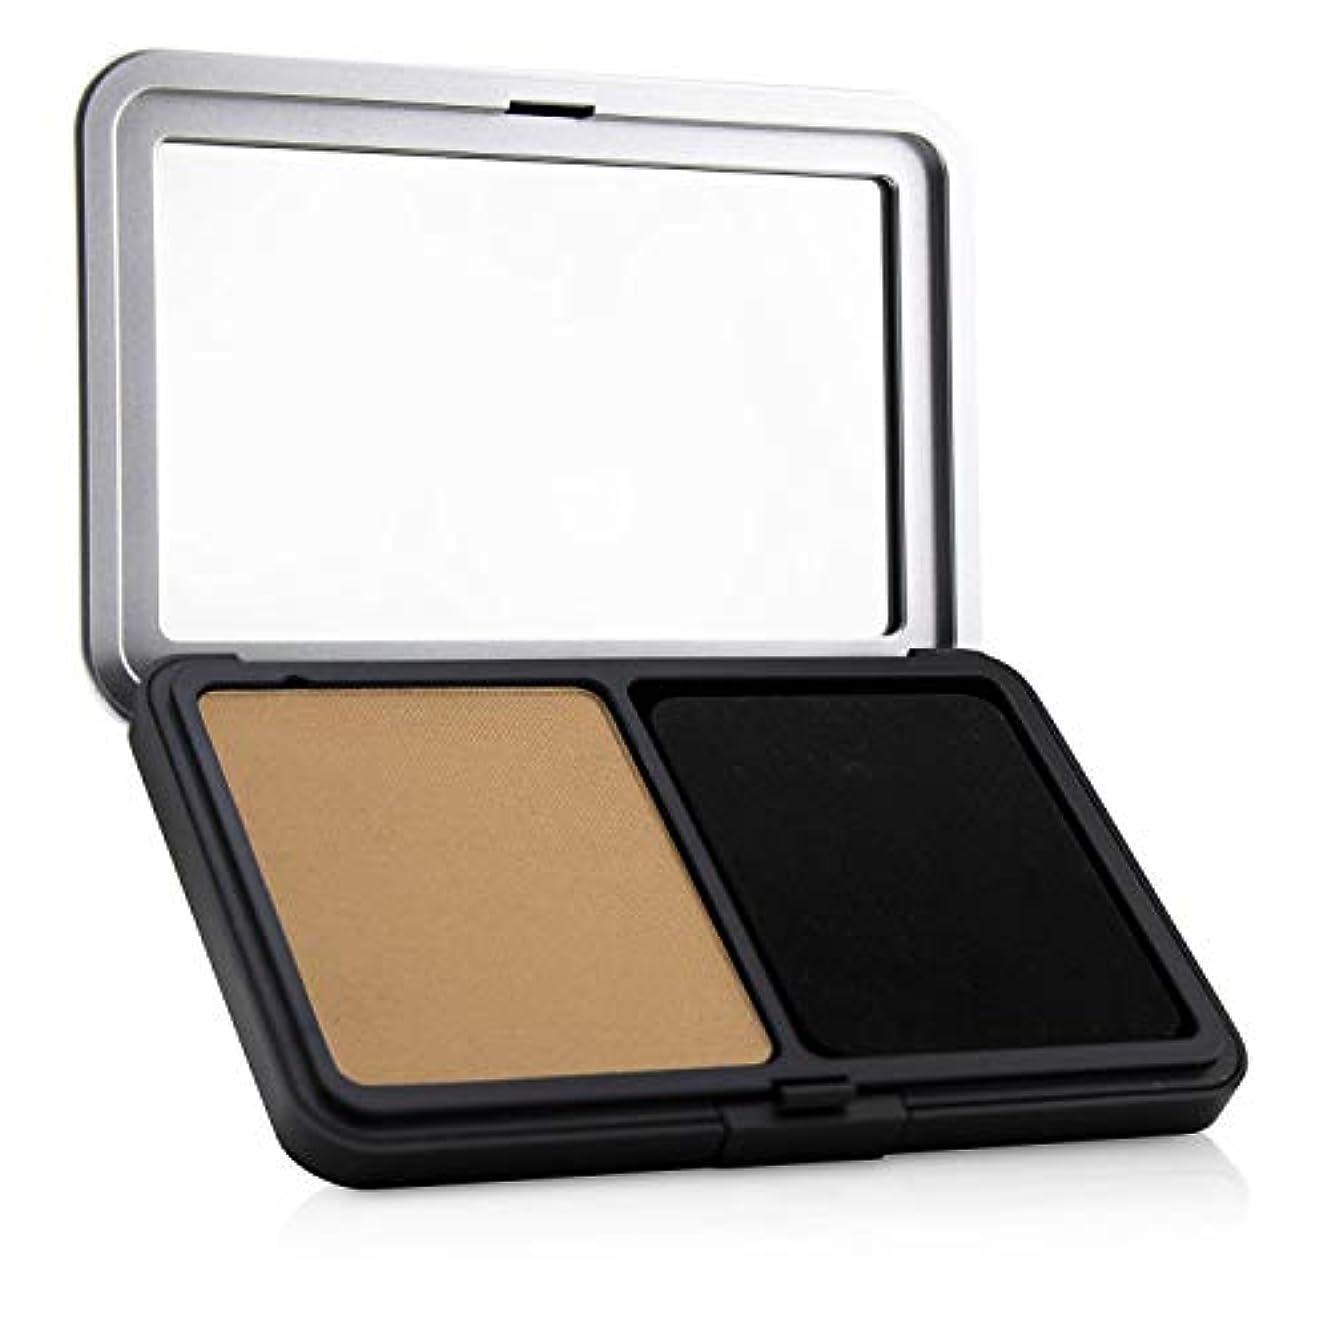 概して出撃者混合メイクアップフォーエバー Matte Velvet Skin Blurring Powder Foundation - # R370 (Medium Beige) 11g/0.38oz並行輸入品